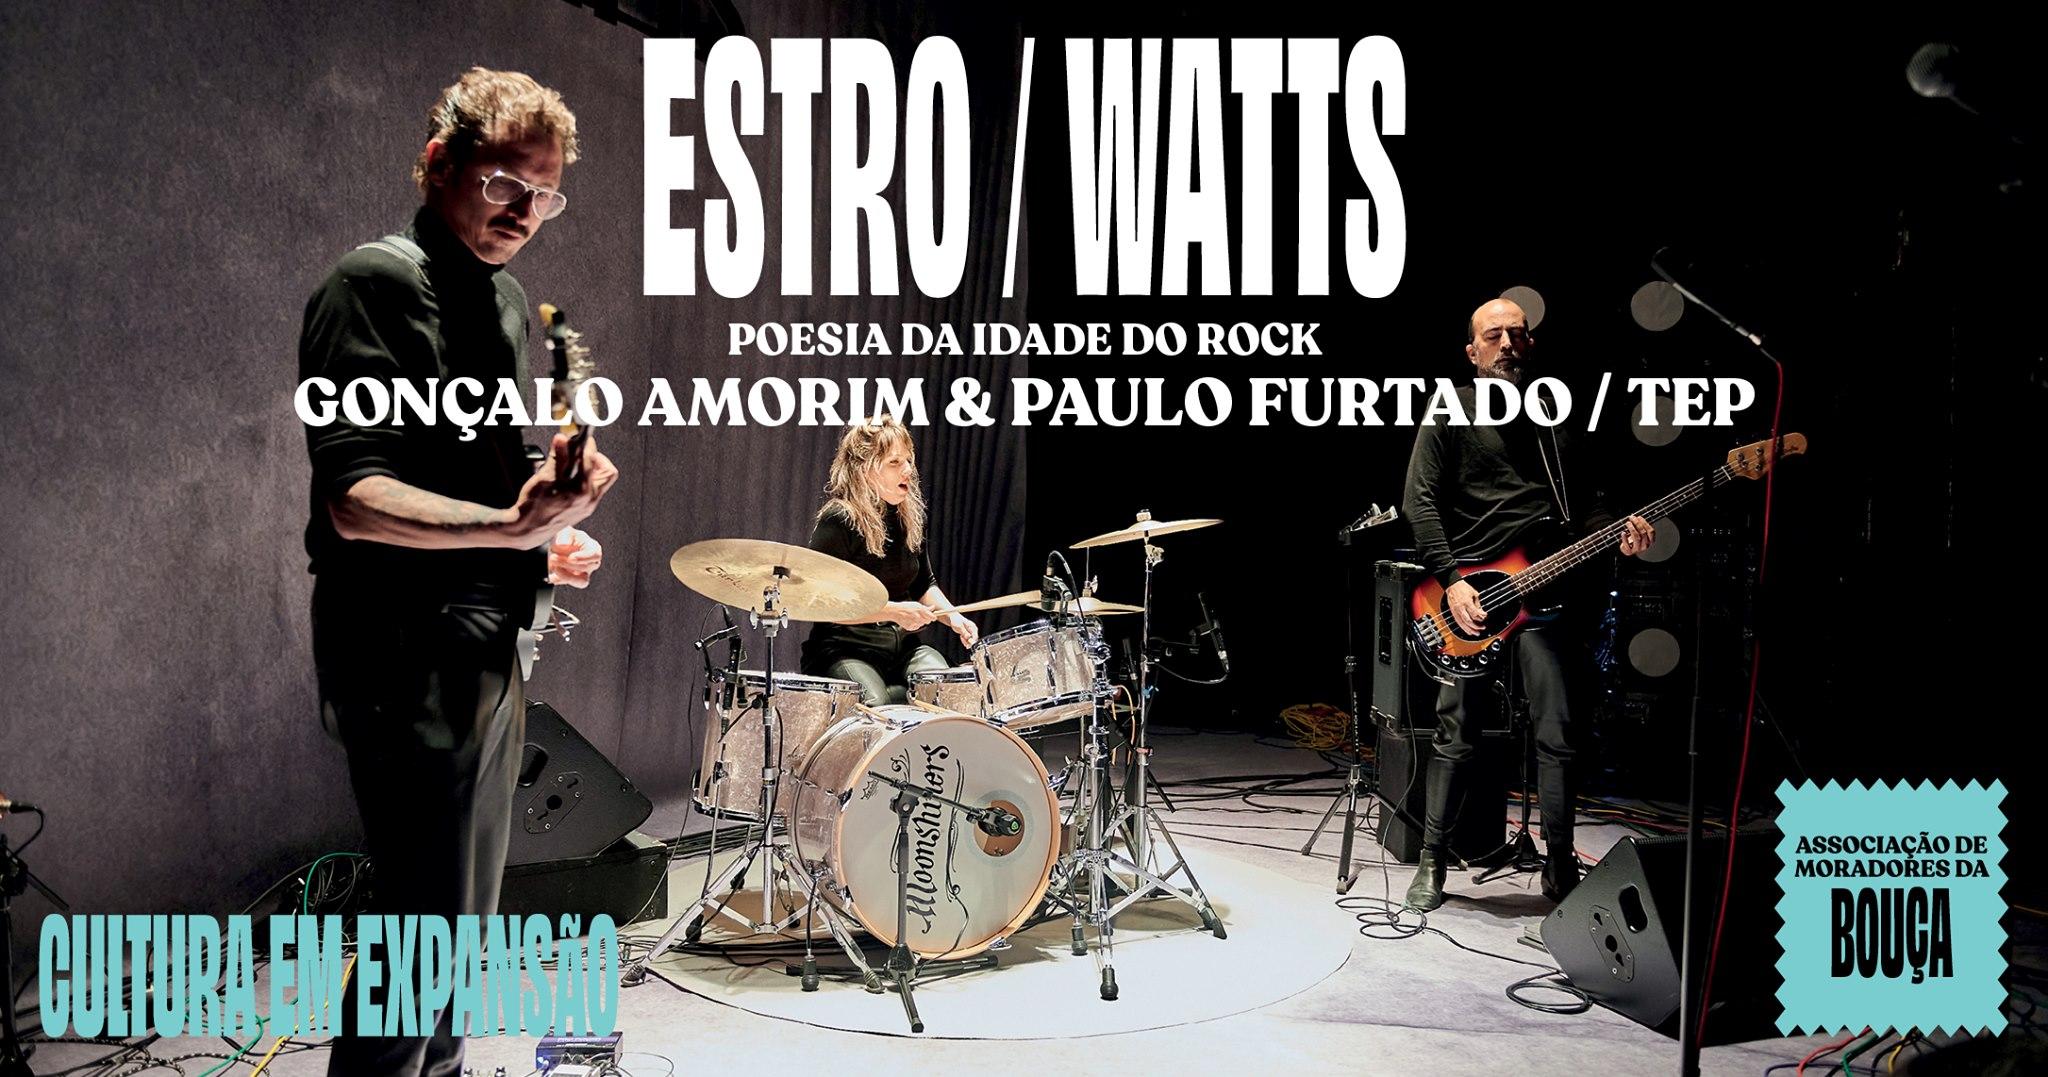 ESTRO / WATTS - POESIA DA IDADE DO ROCK (BOUÇA)